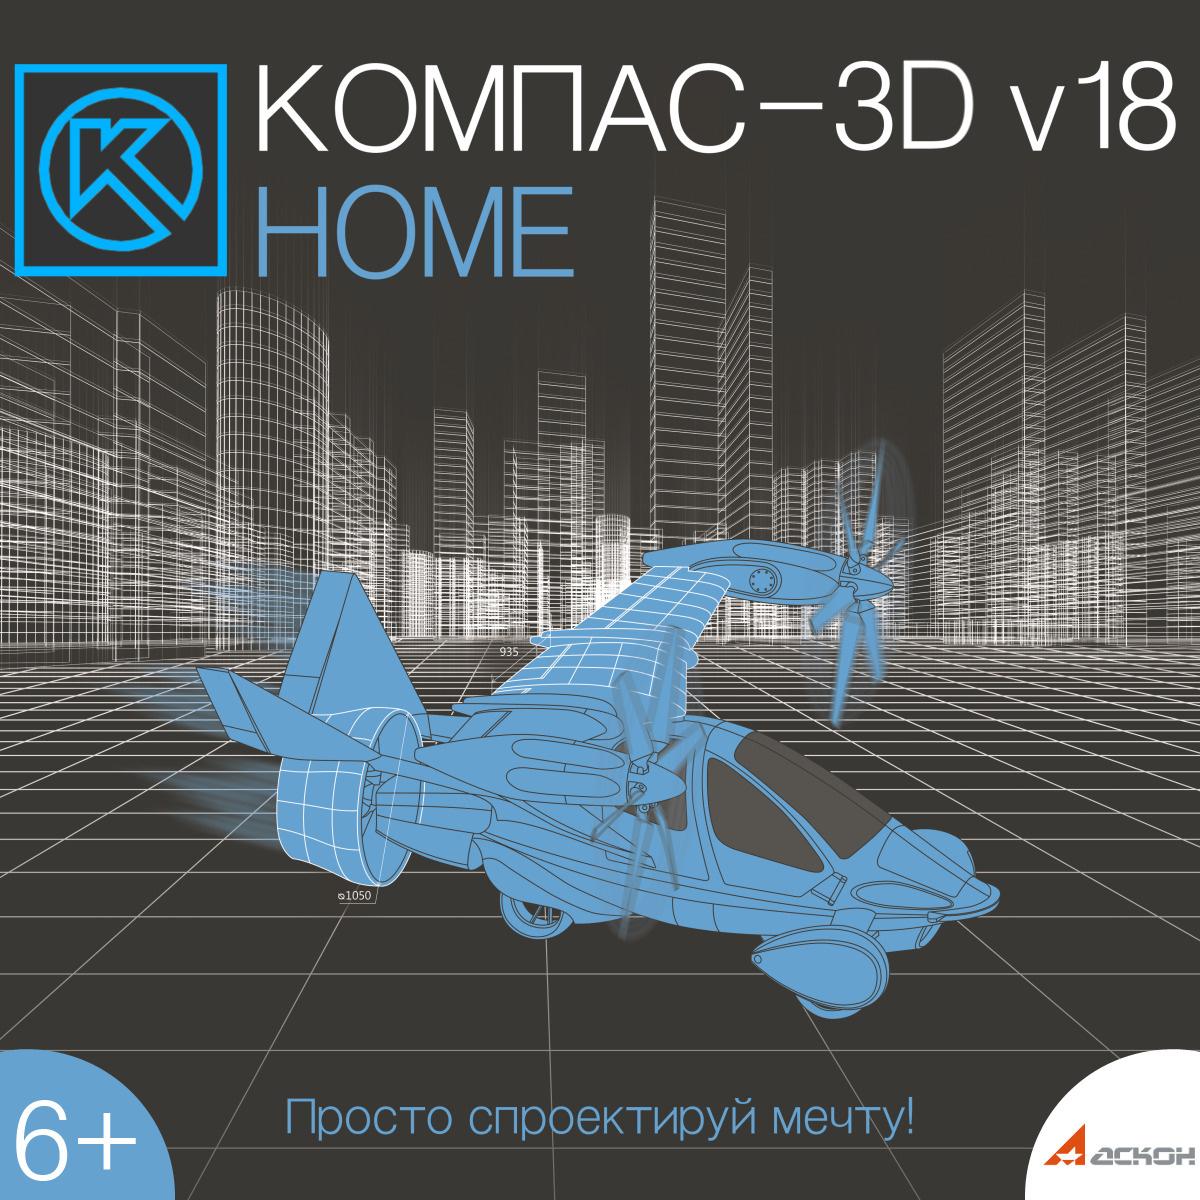 КОМПАС-3D v18 Home (электронная лицензия) (САПР) #1